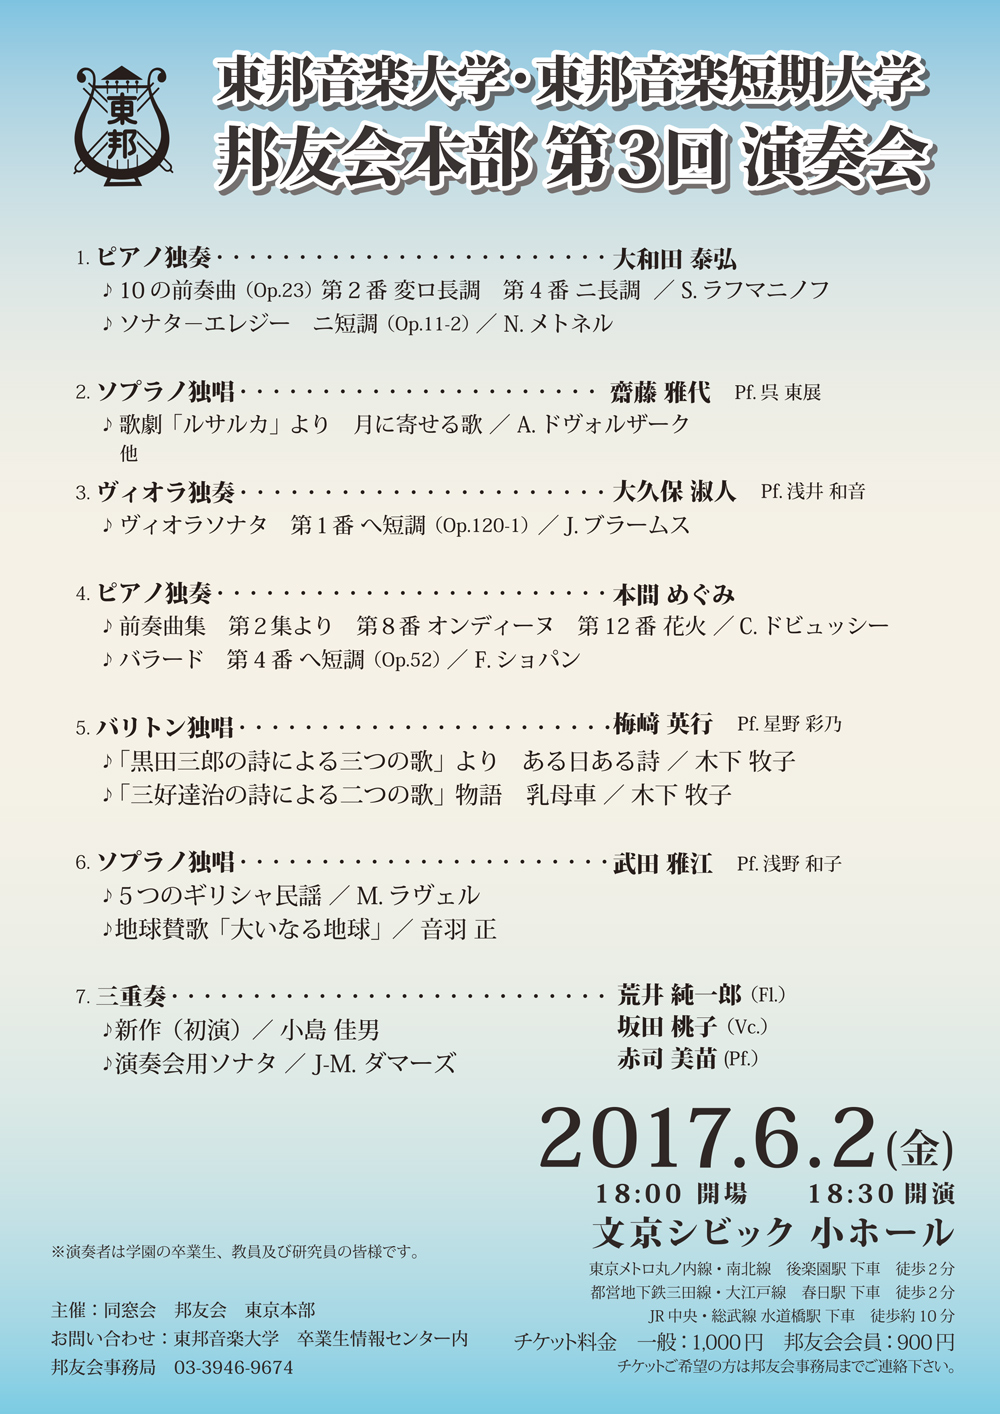 6/2(金) 東邦音楽大学・東邦音楽短期大学 邦友会本部 第3回 演奏会